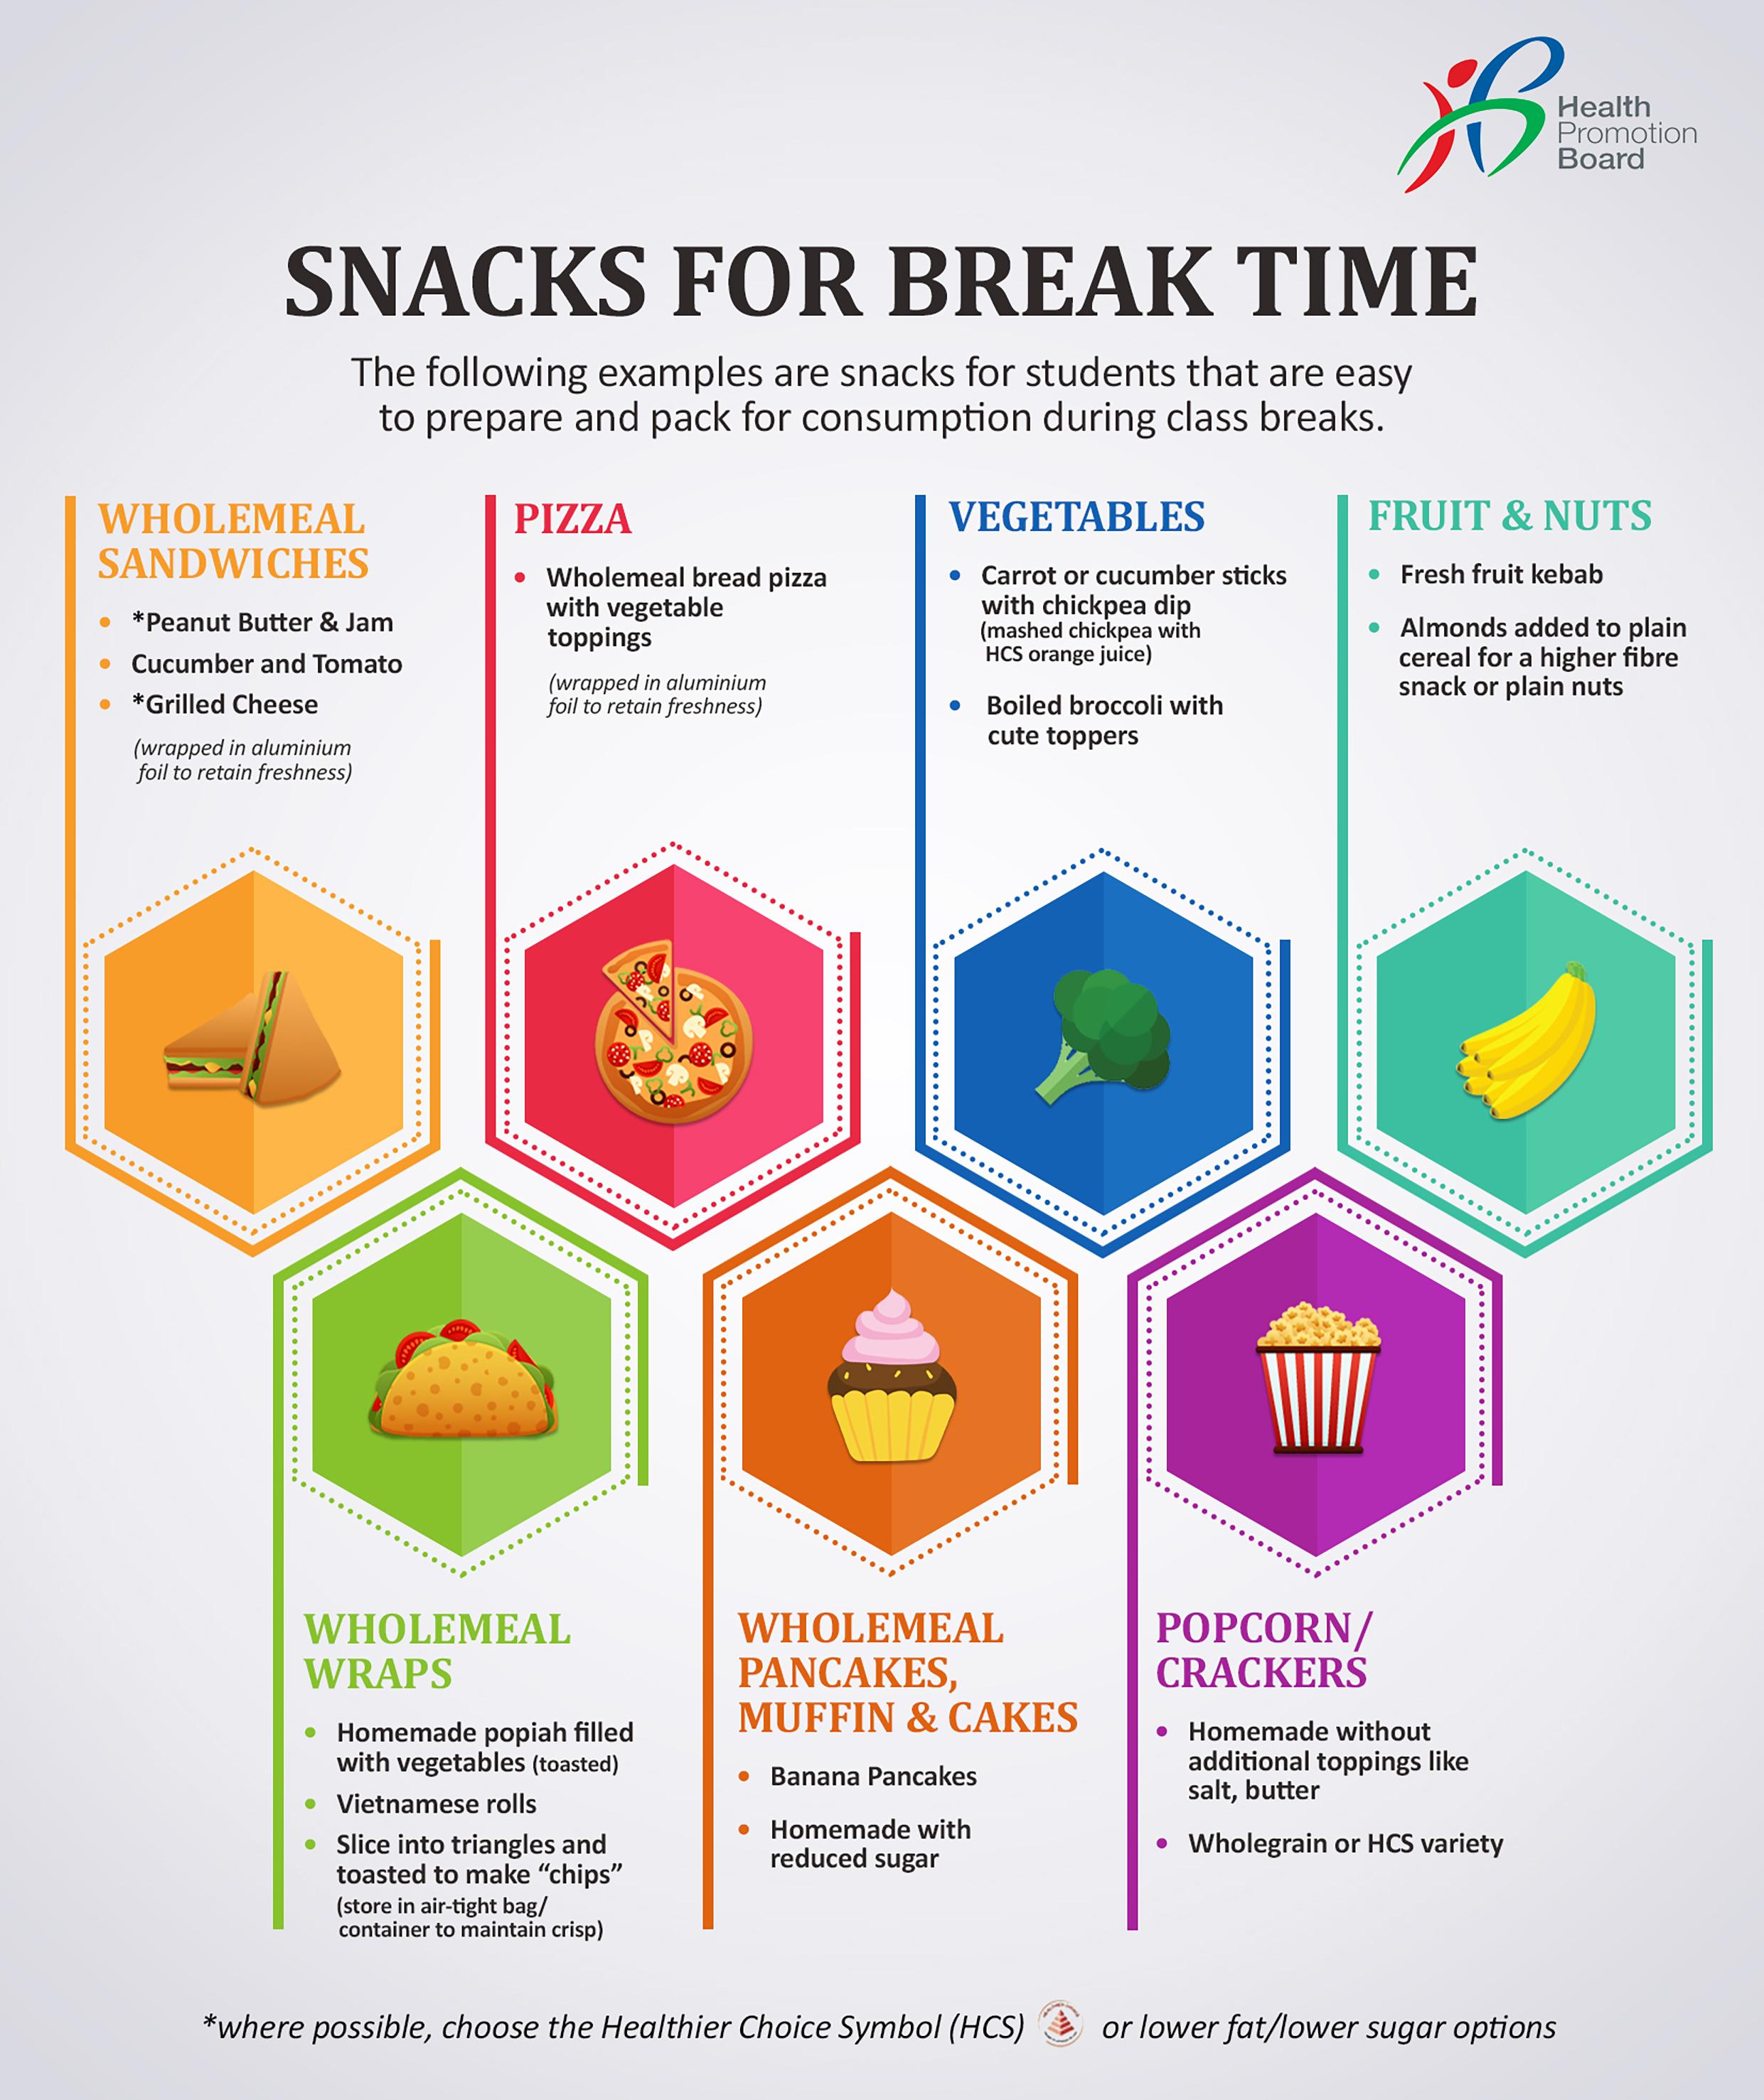 Healthy Meals in Schools Programme